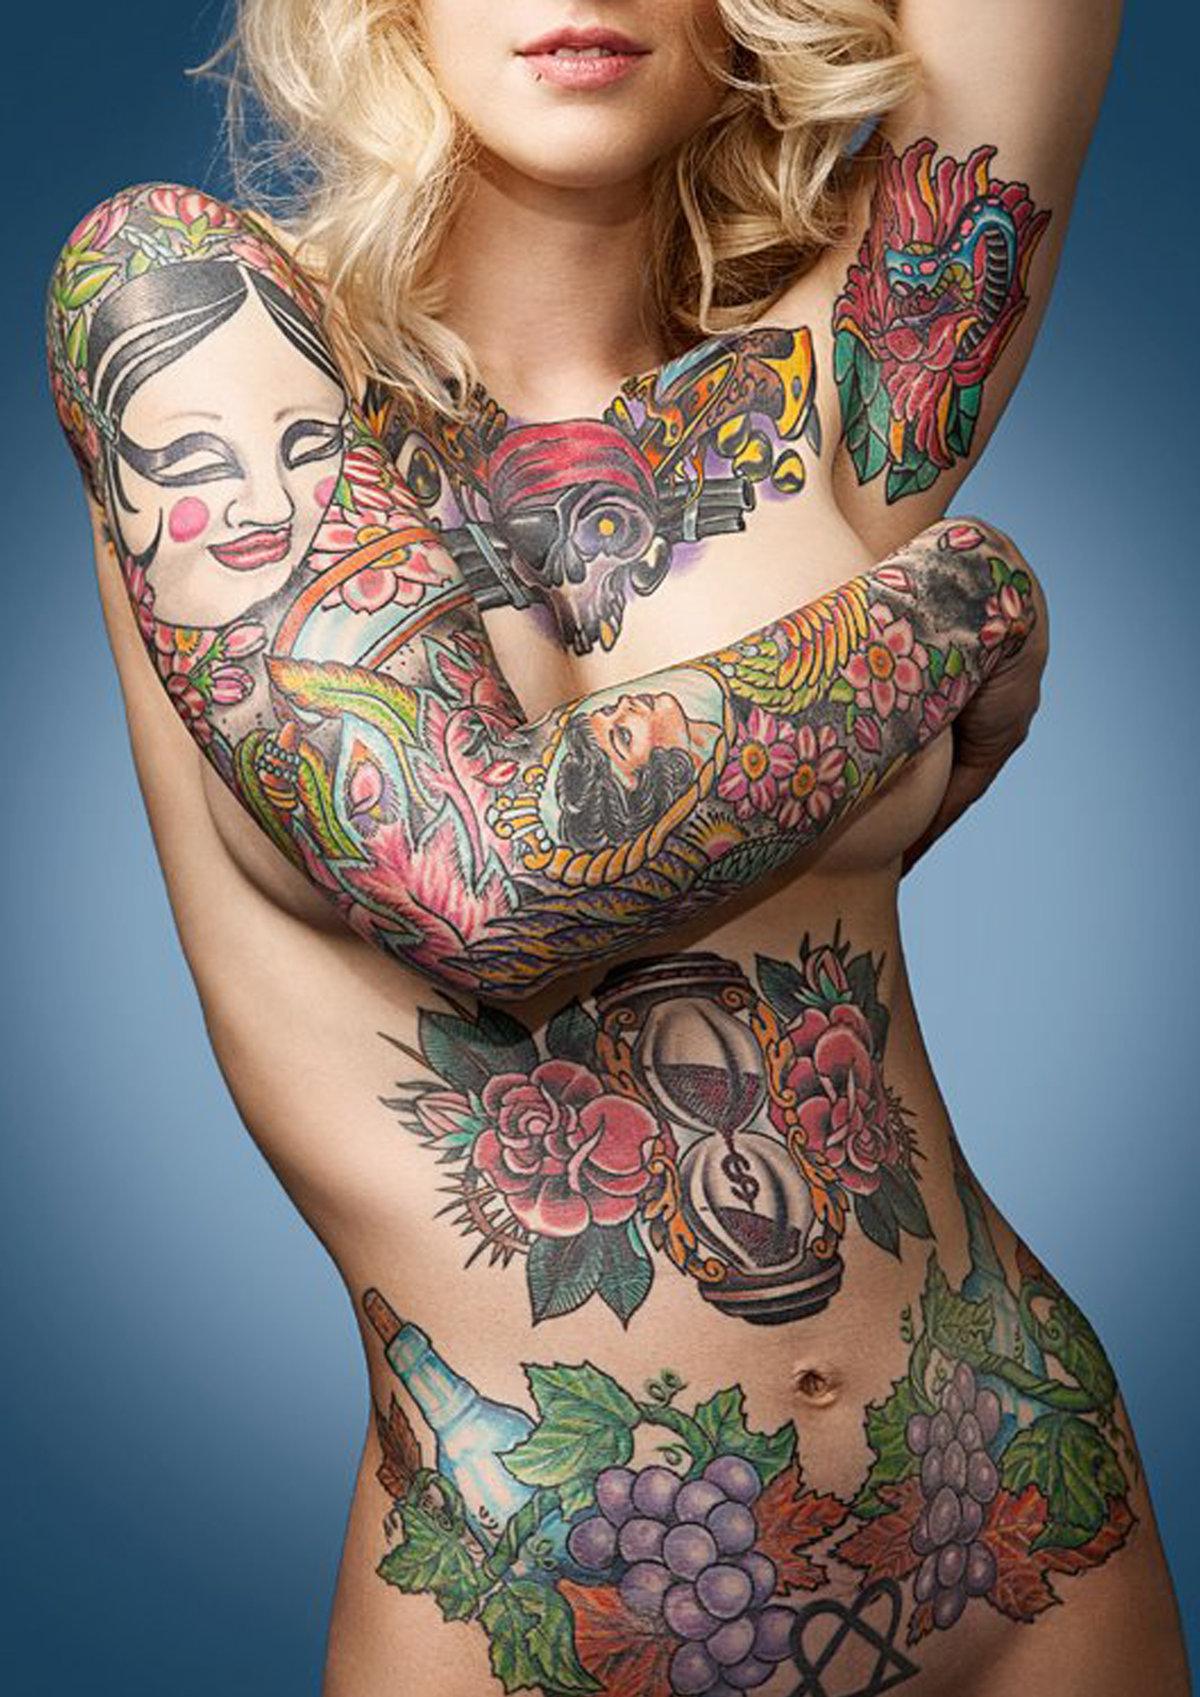 Женские татуировки - Мастер татуировки Андрей Елисеев в Калининграде +7(4012) 52-41-61